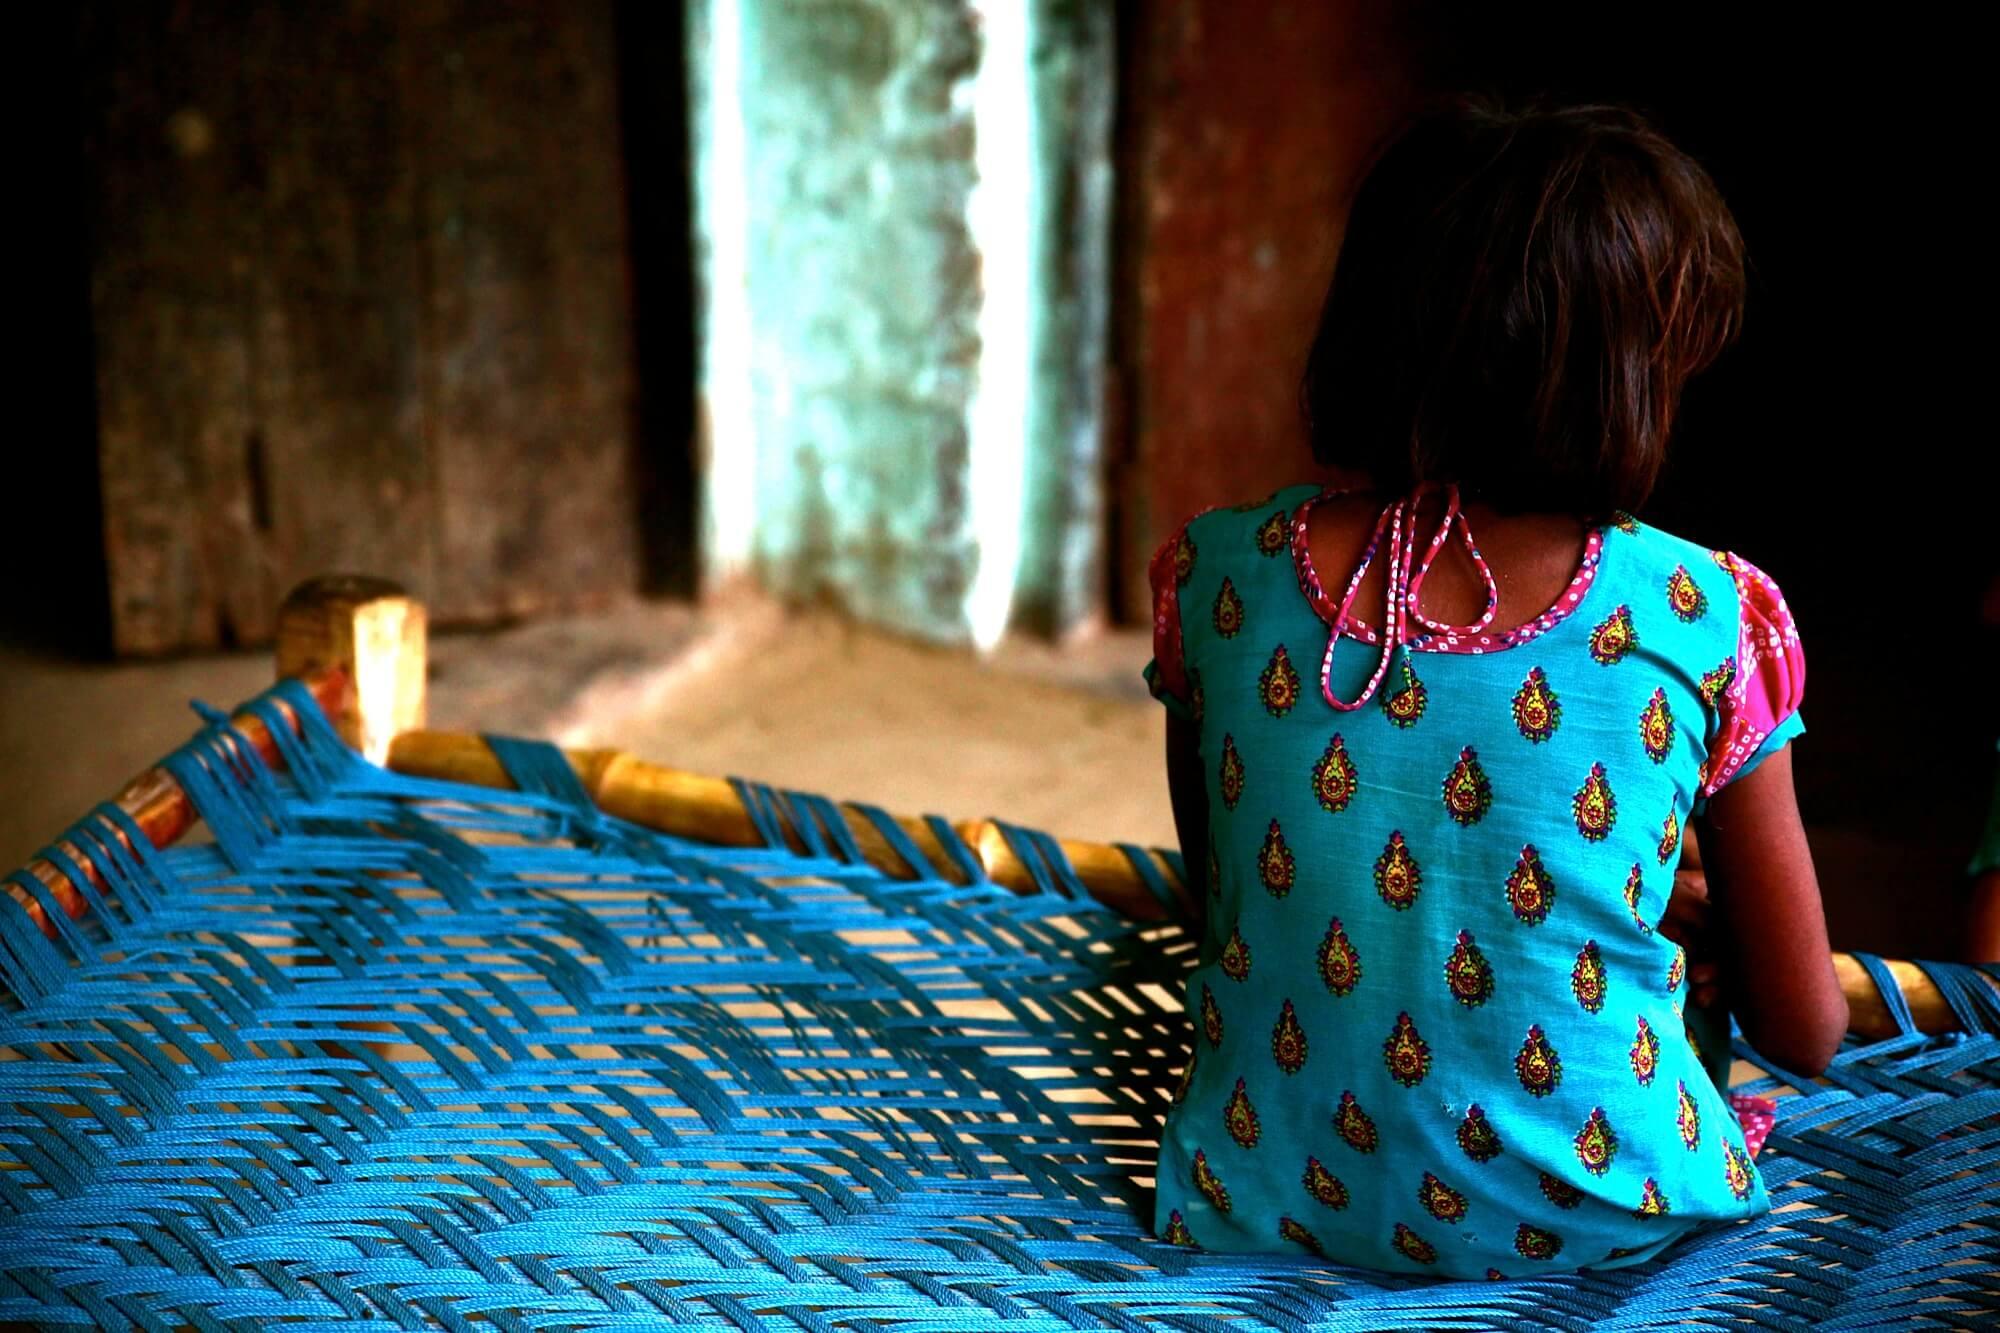 Στοιχεία σοκ για τα παιδιά θύματα trafficking – «Χώρα προορισμού πλέον η Ελλάδα»